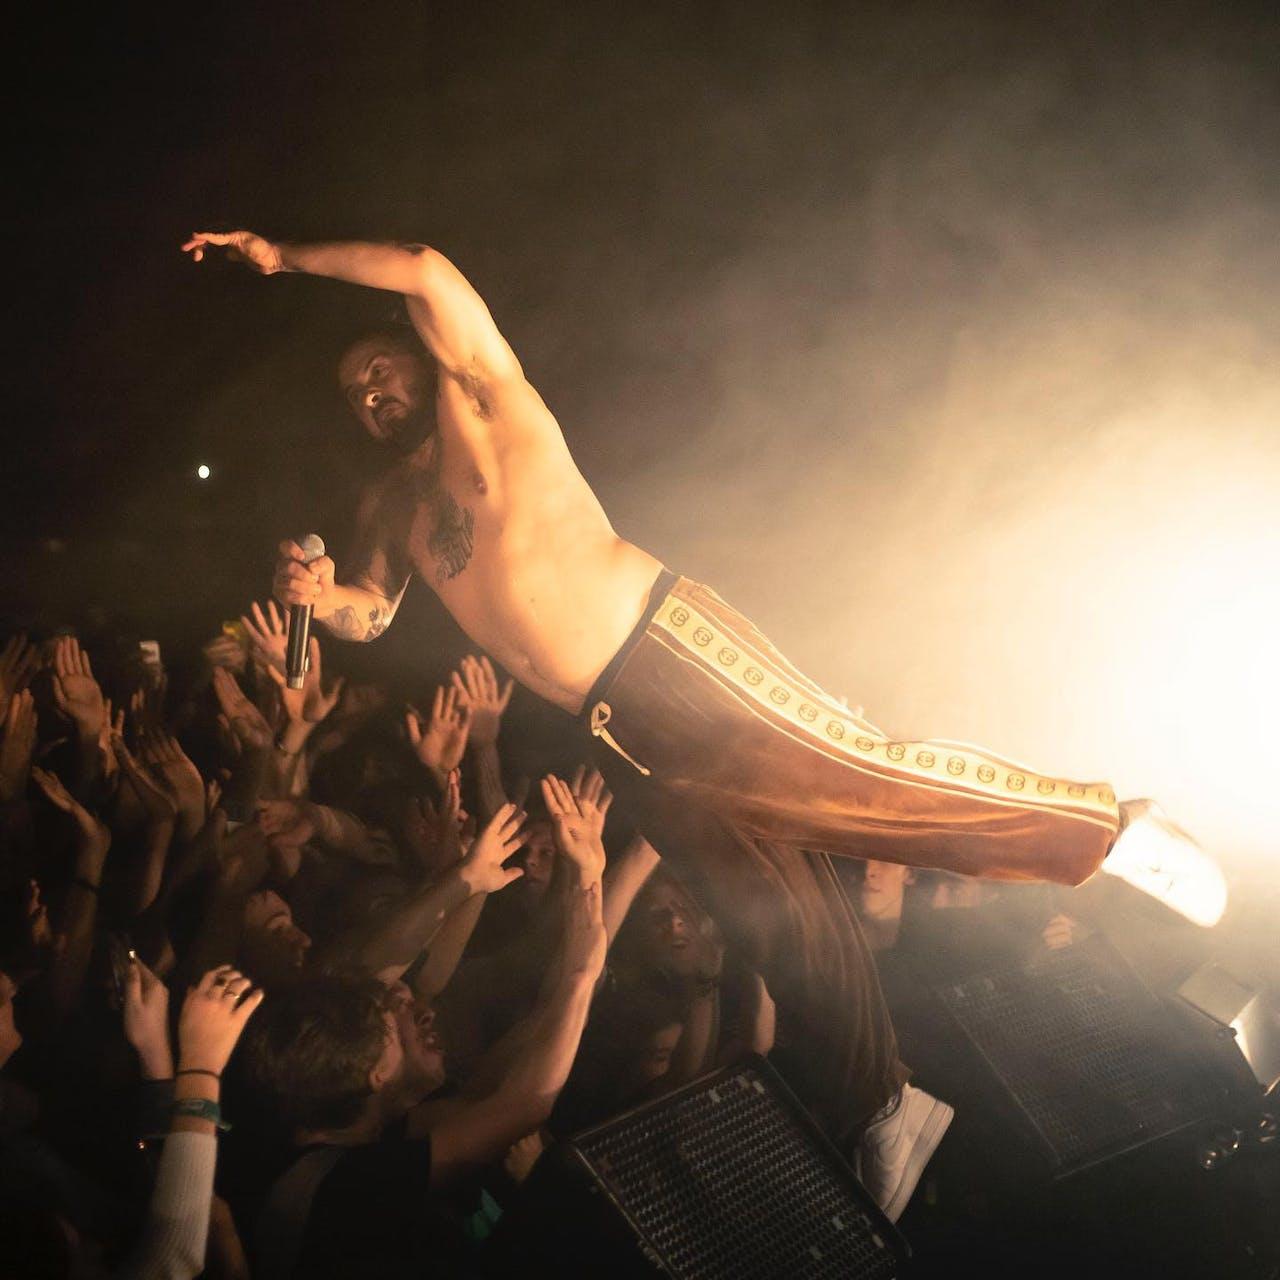 Zwangere Guy, een van de artiesten op het roster van Universal Music Belgium – wereldwijd blijft Universal nog altijd bij uitstek het grootste label.